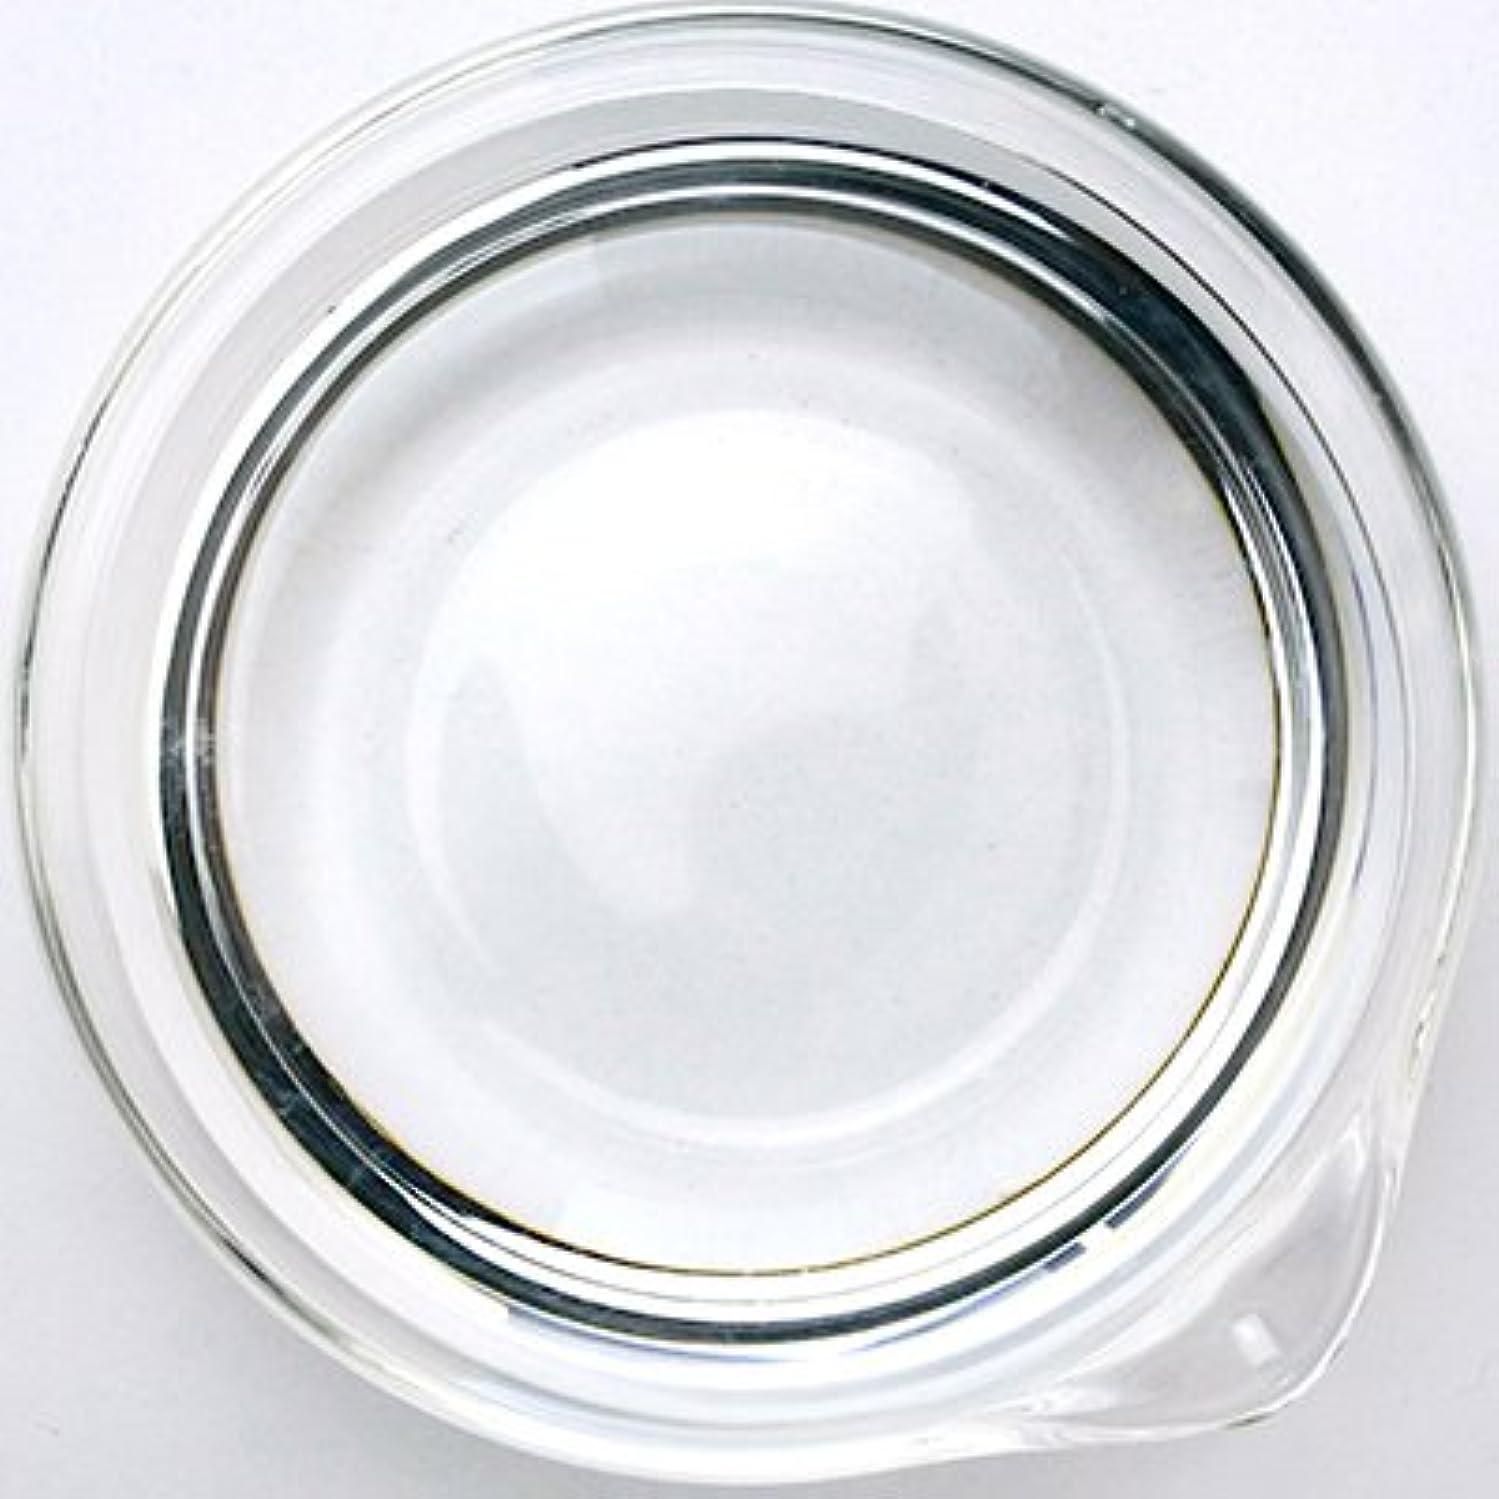 エンジニアリング染色割る1,2-ヘキサンジオール 10ml 【防腐剤/抗菌剤/保湿剤/手作りコスメ】